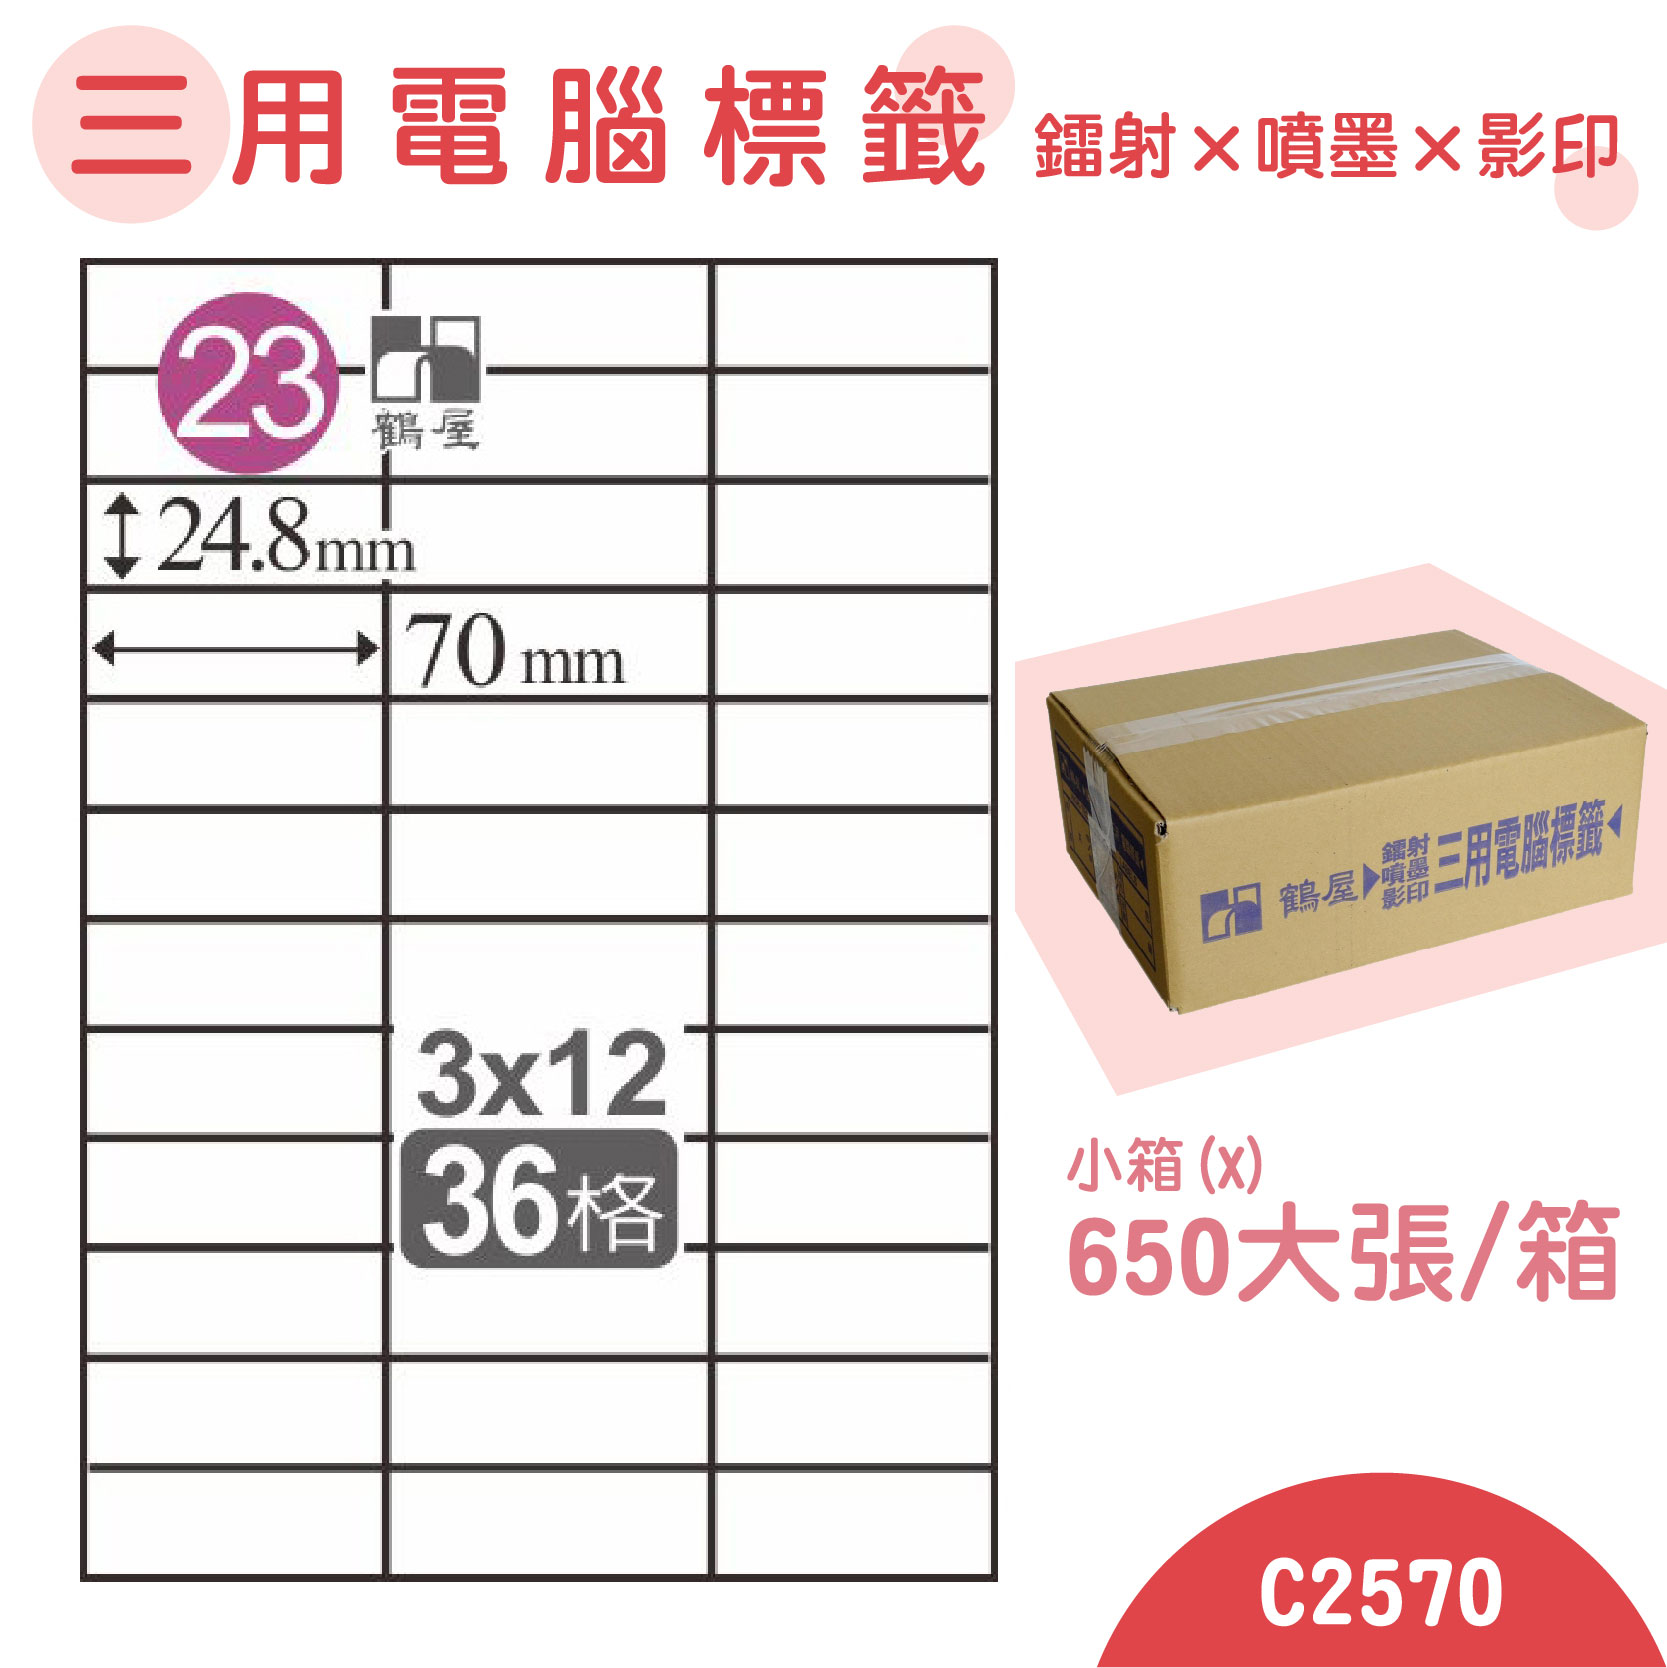 電腦標籤紙(鶴屋) 白色 C2570 36格 650大張/小箱 影印 雷射 噴墨 三用 標籤 貼紙 信封 光碟 名條